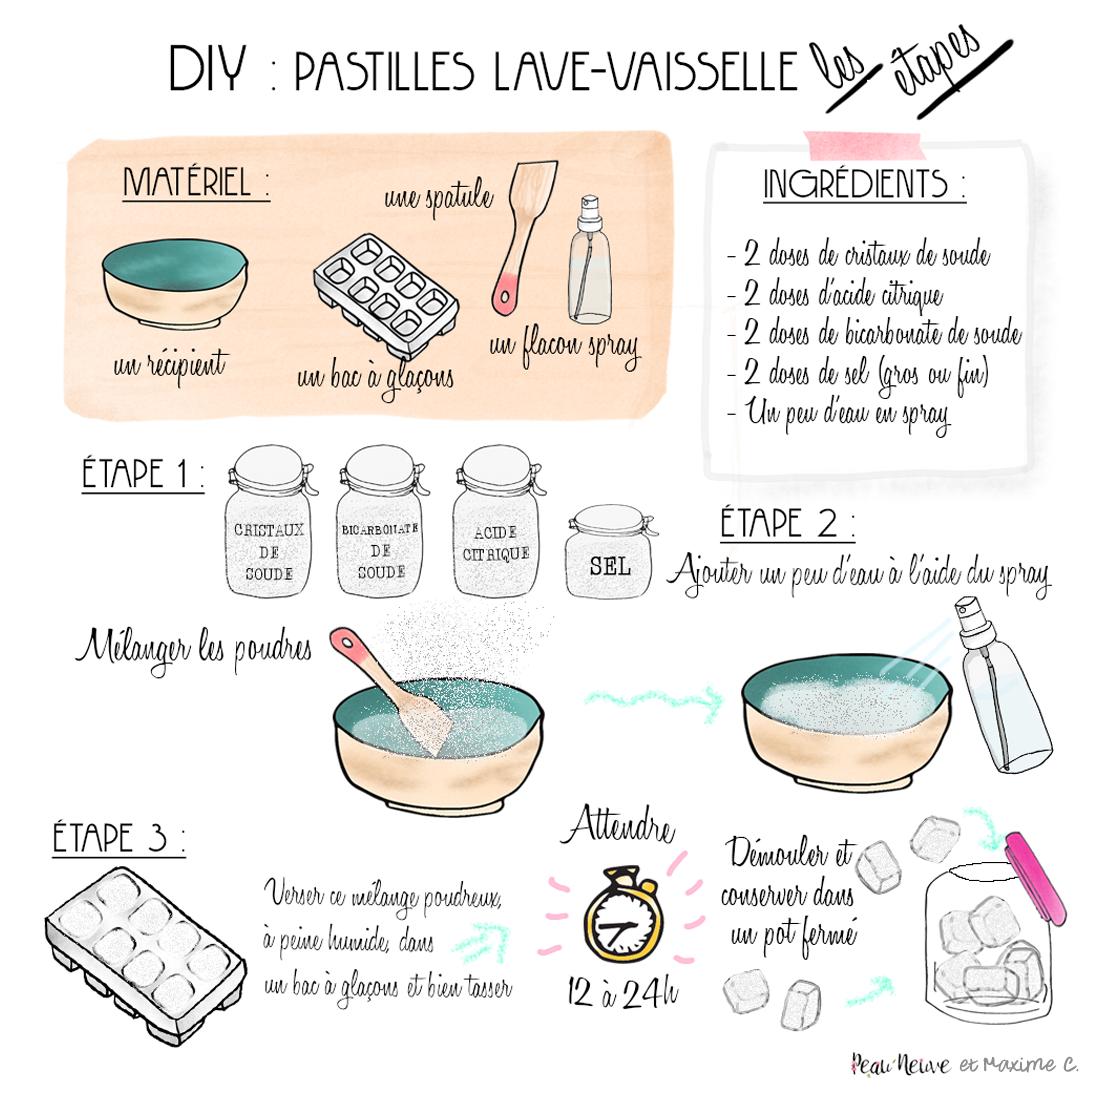 Pastilles lave-vaisselle #DIY  Pastille lave vaisselle, Vaisselle